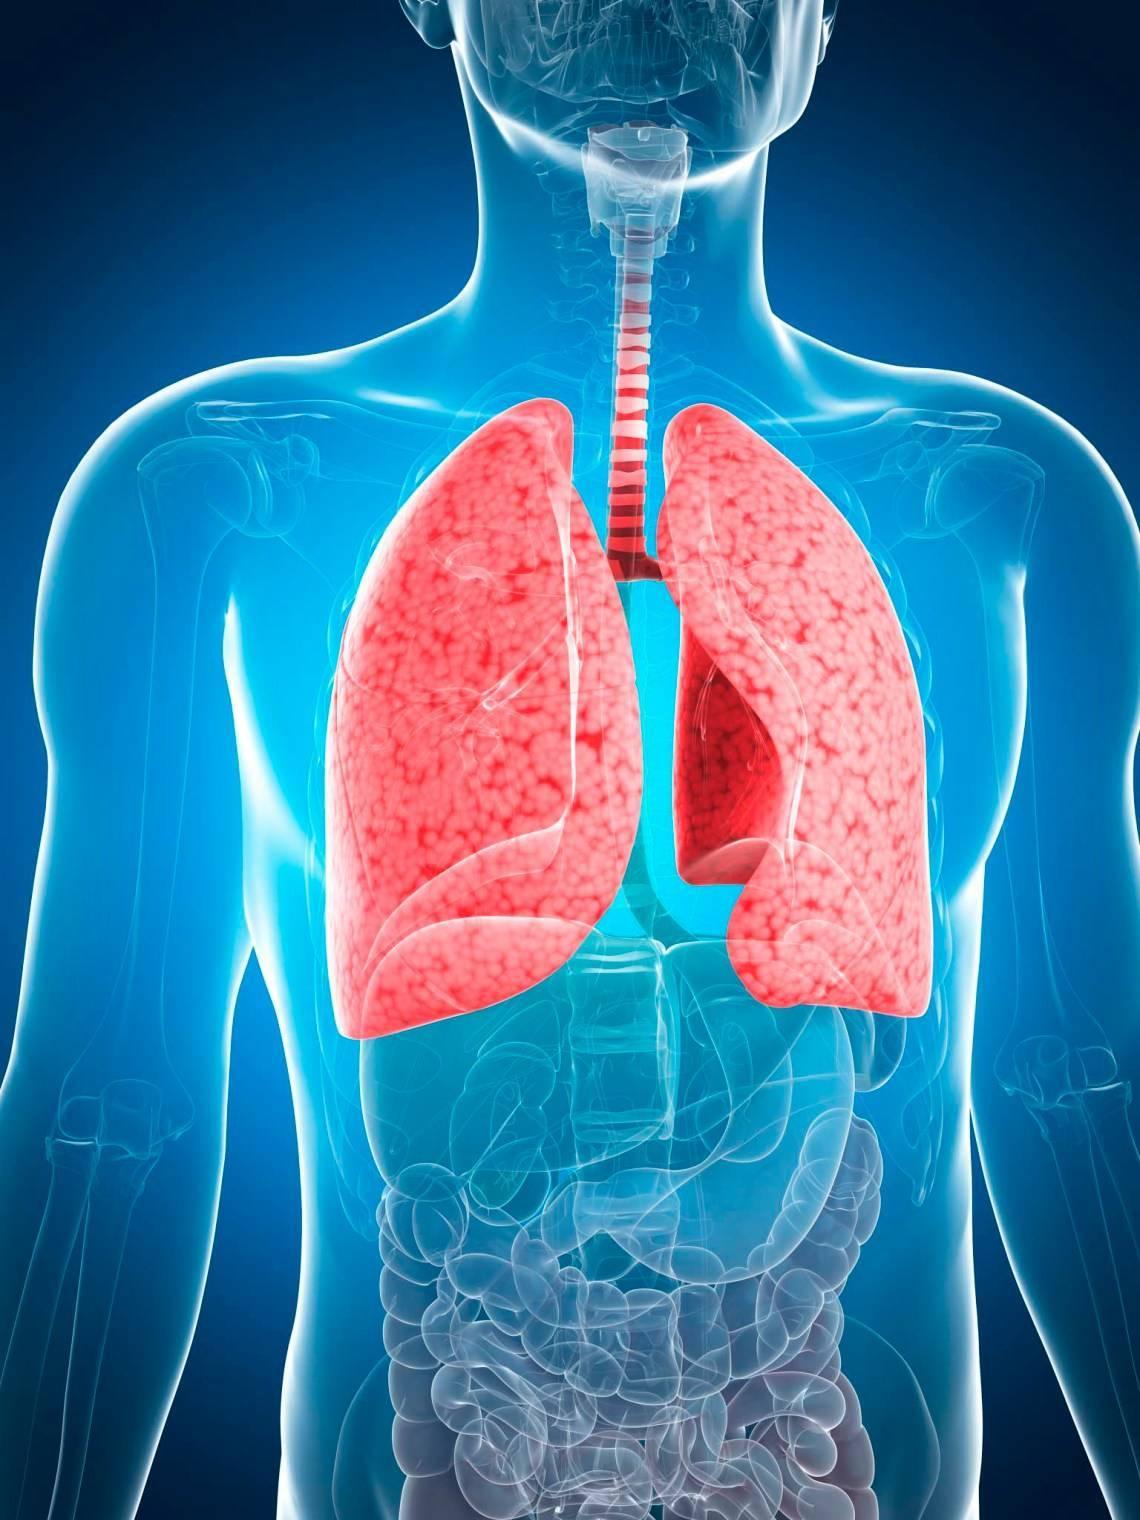 Заразна ли пневмония для окружающих детей – сколько дней опасно воспаление легких